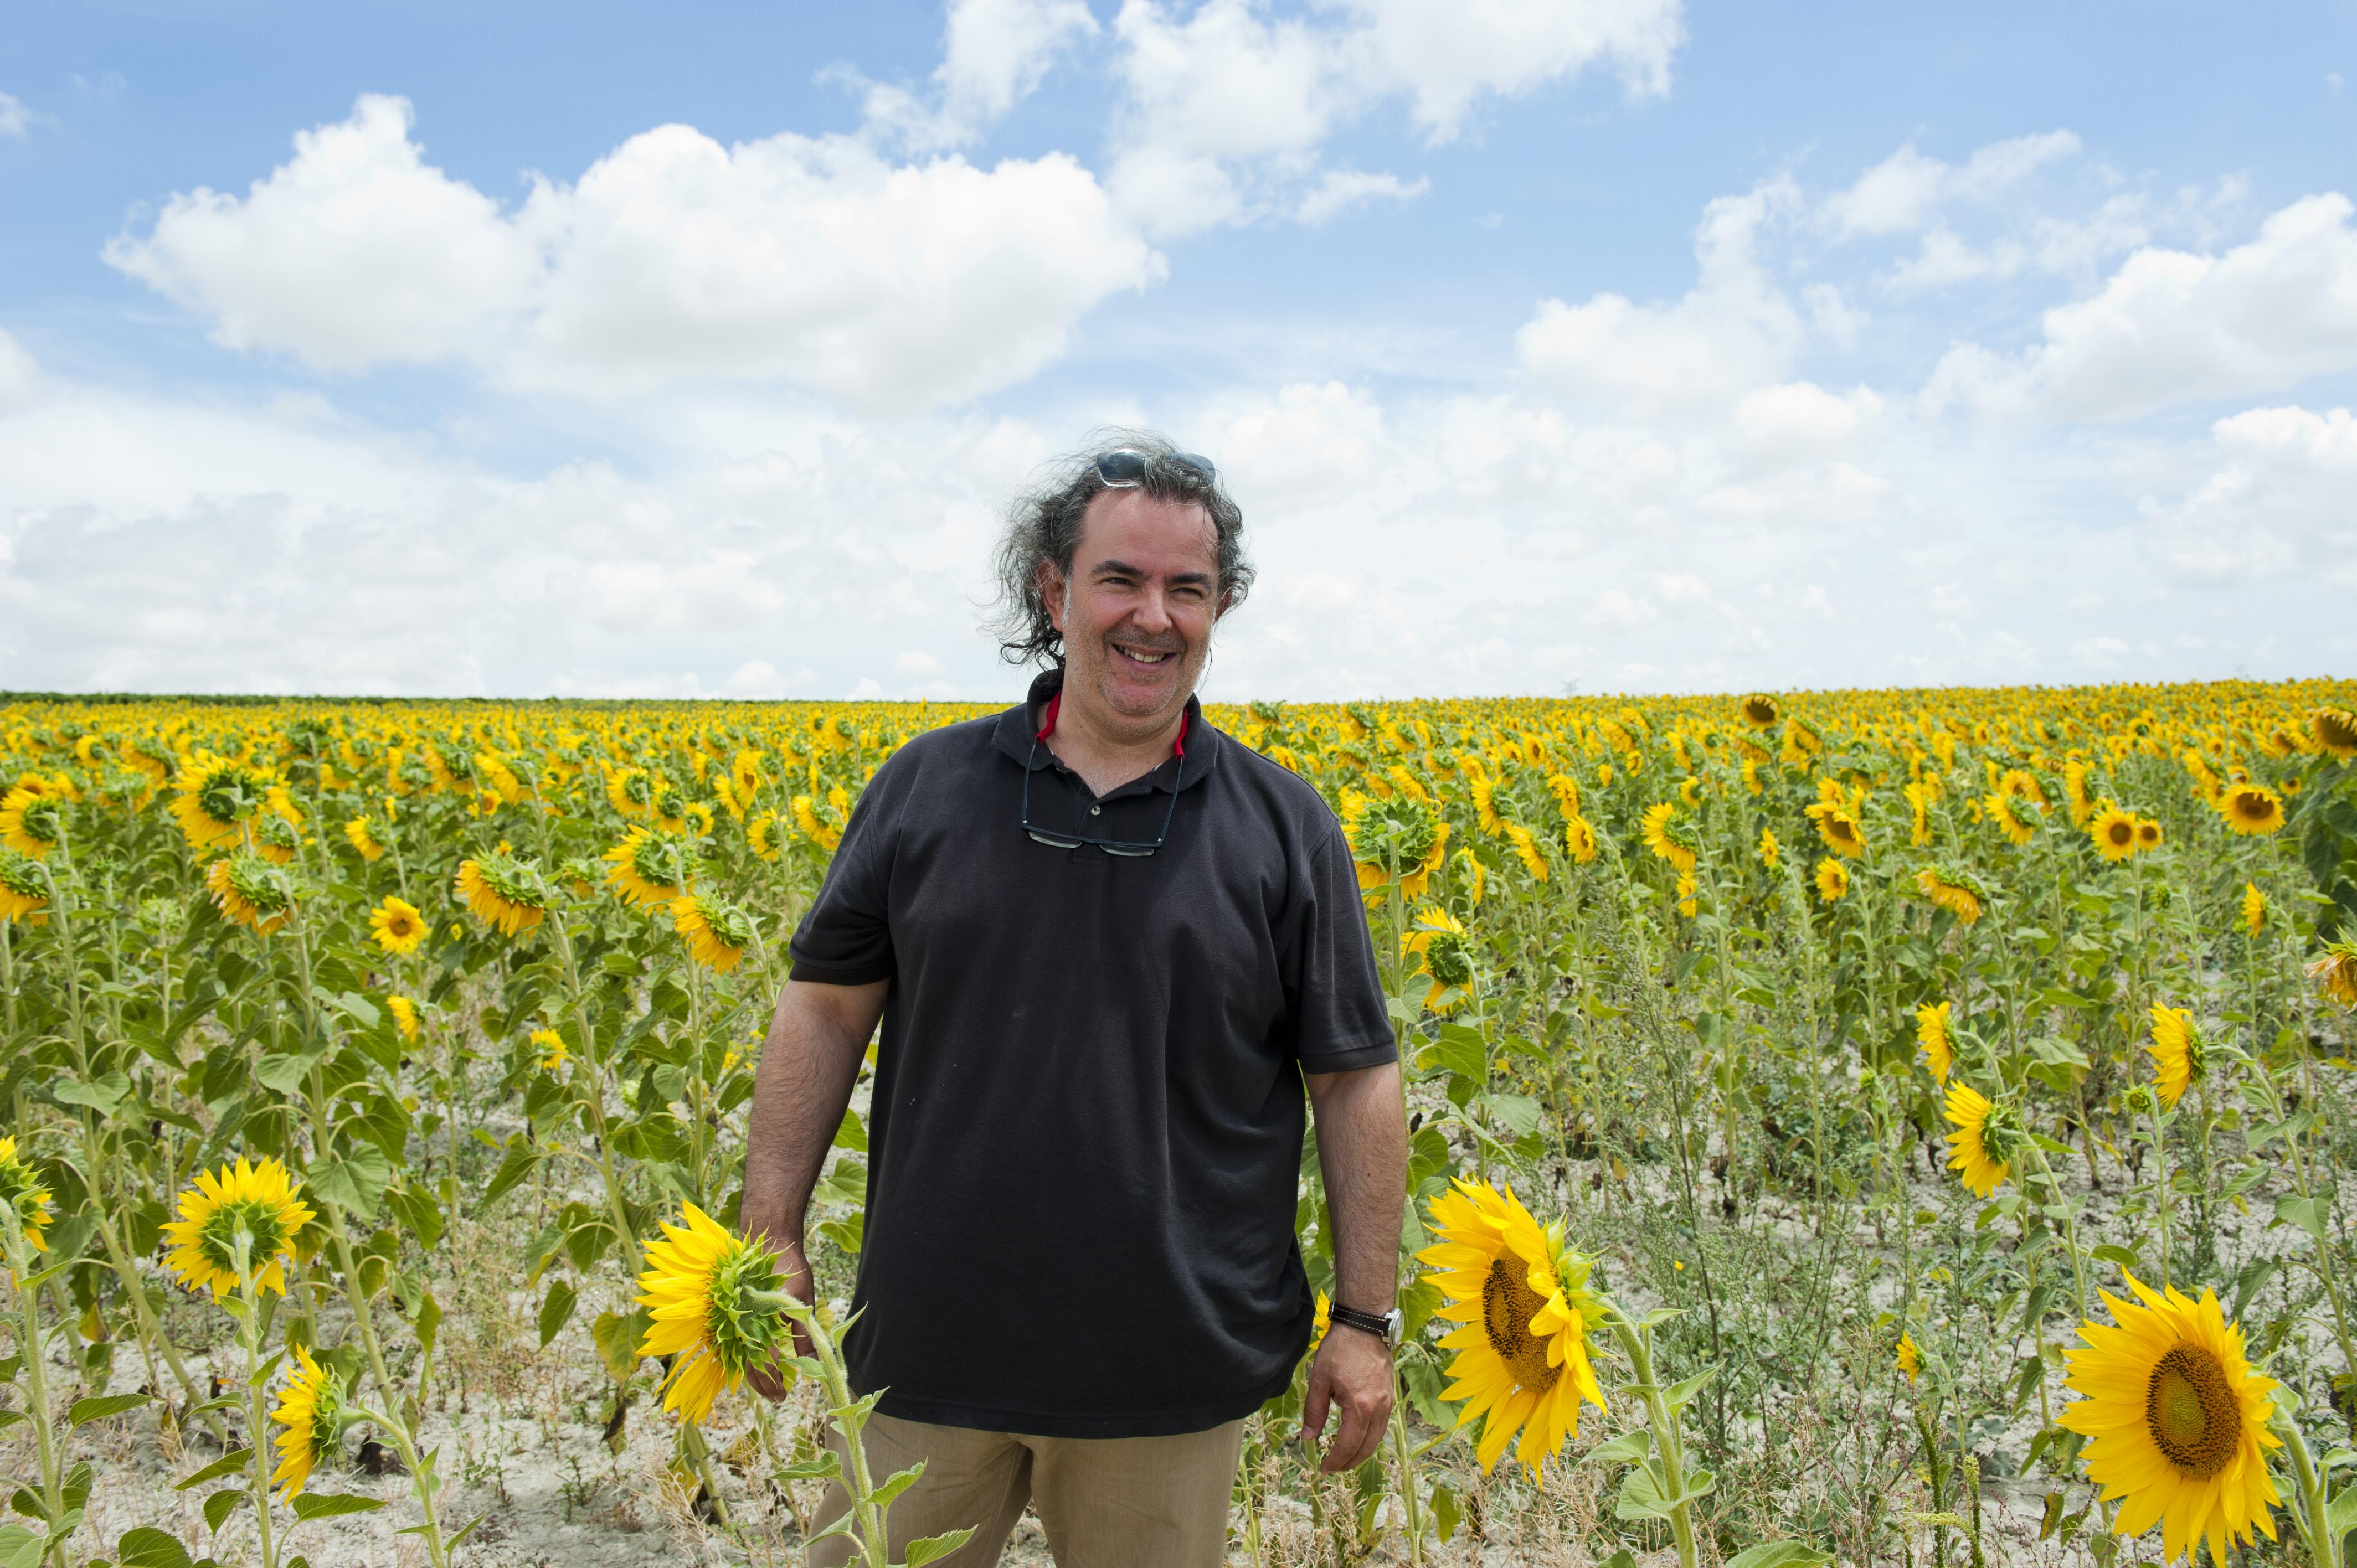 Entrevista a Luis Gutierrez, foto en el campop